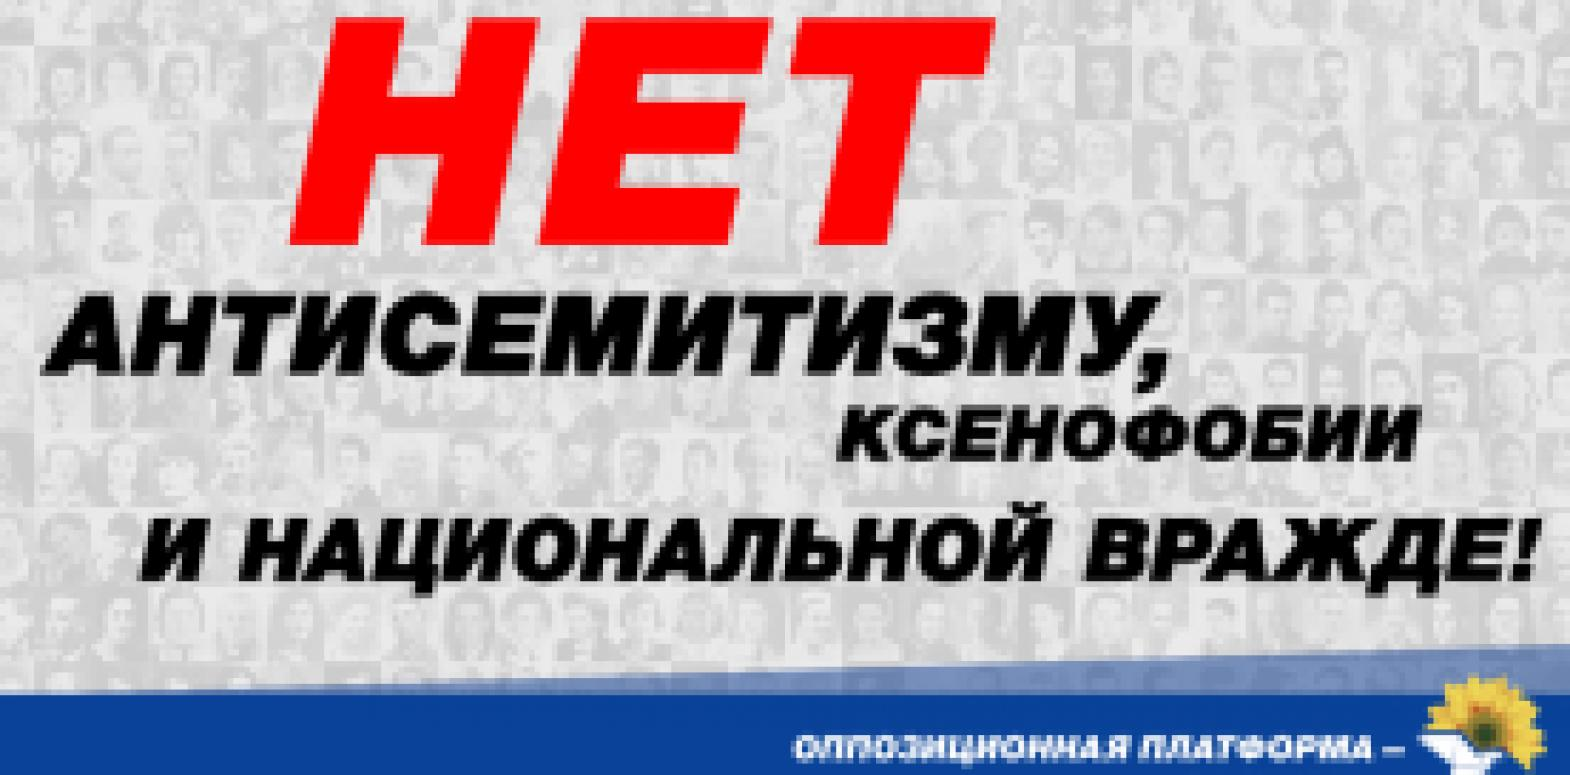 В Украине нет места антисемитизму, ксенофобии и национальной вражде!